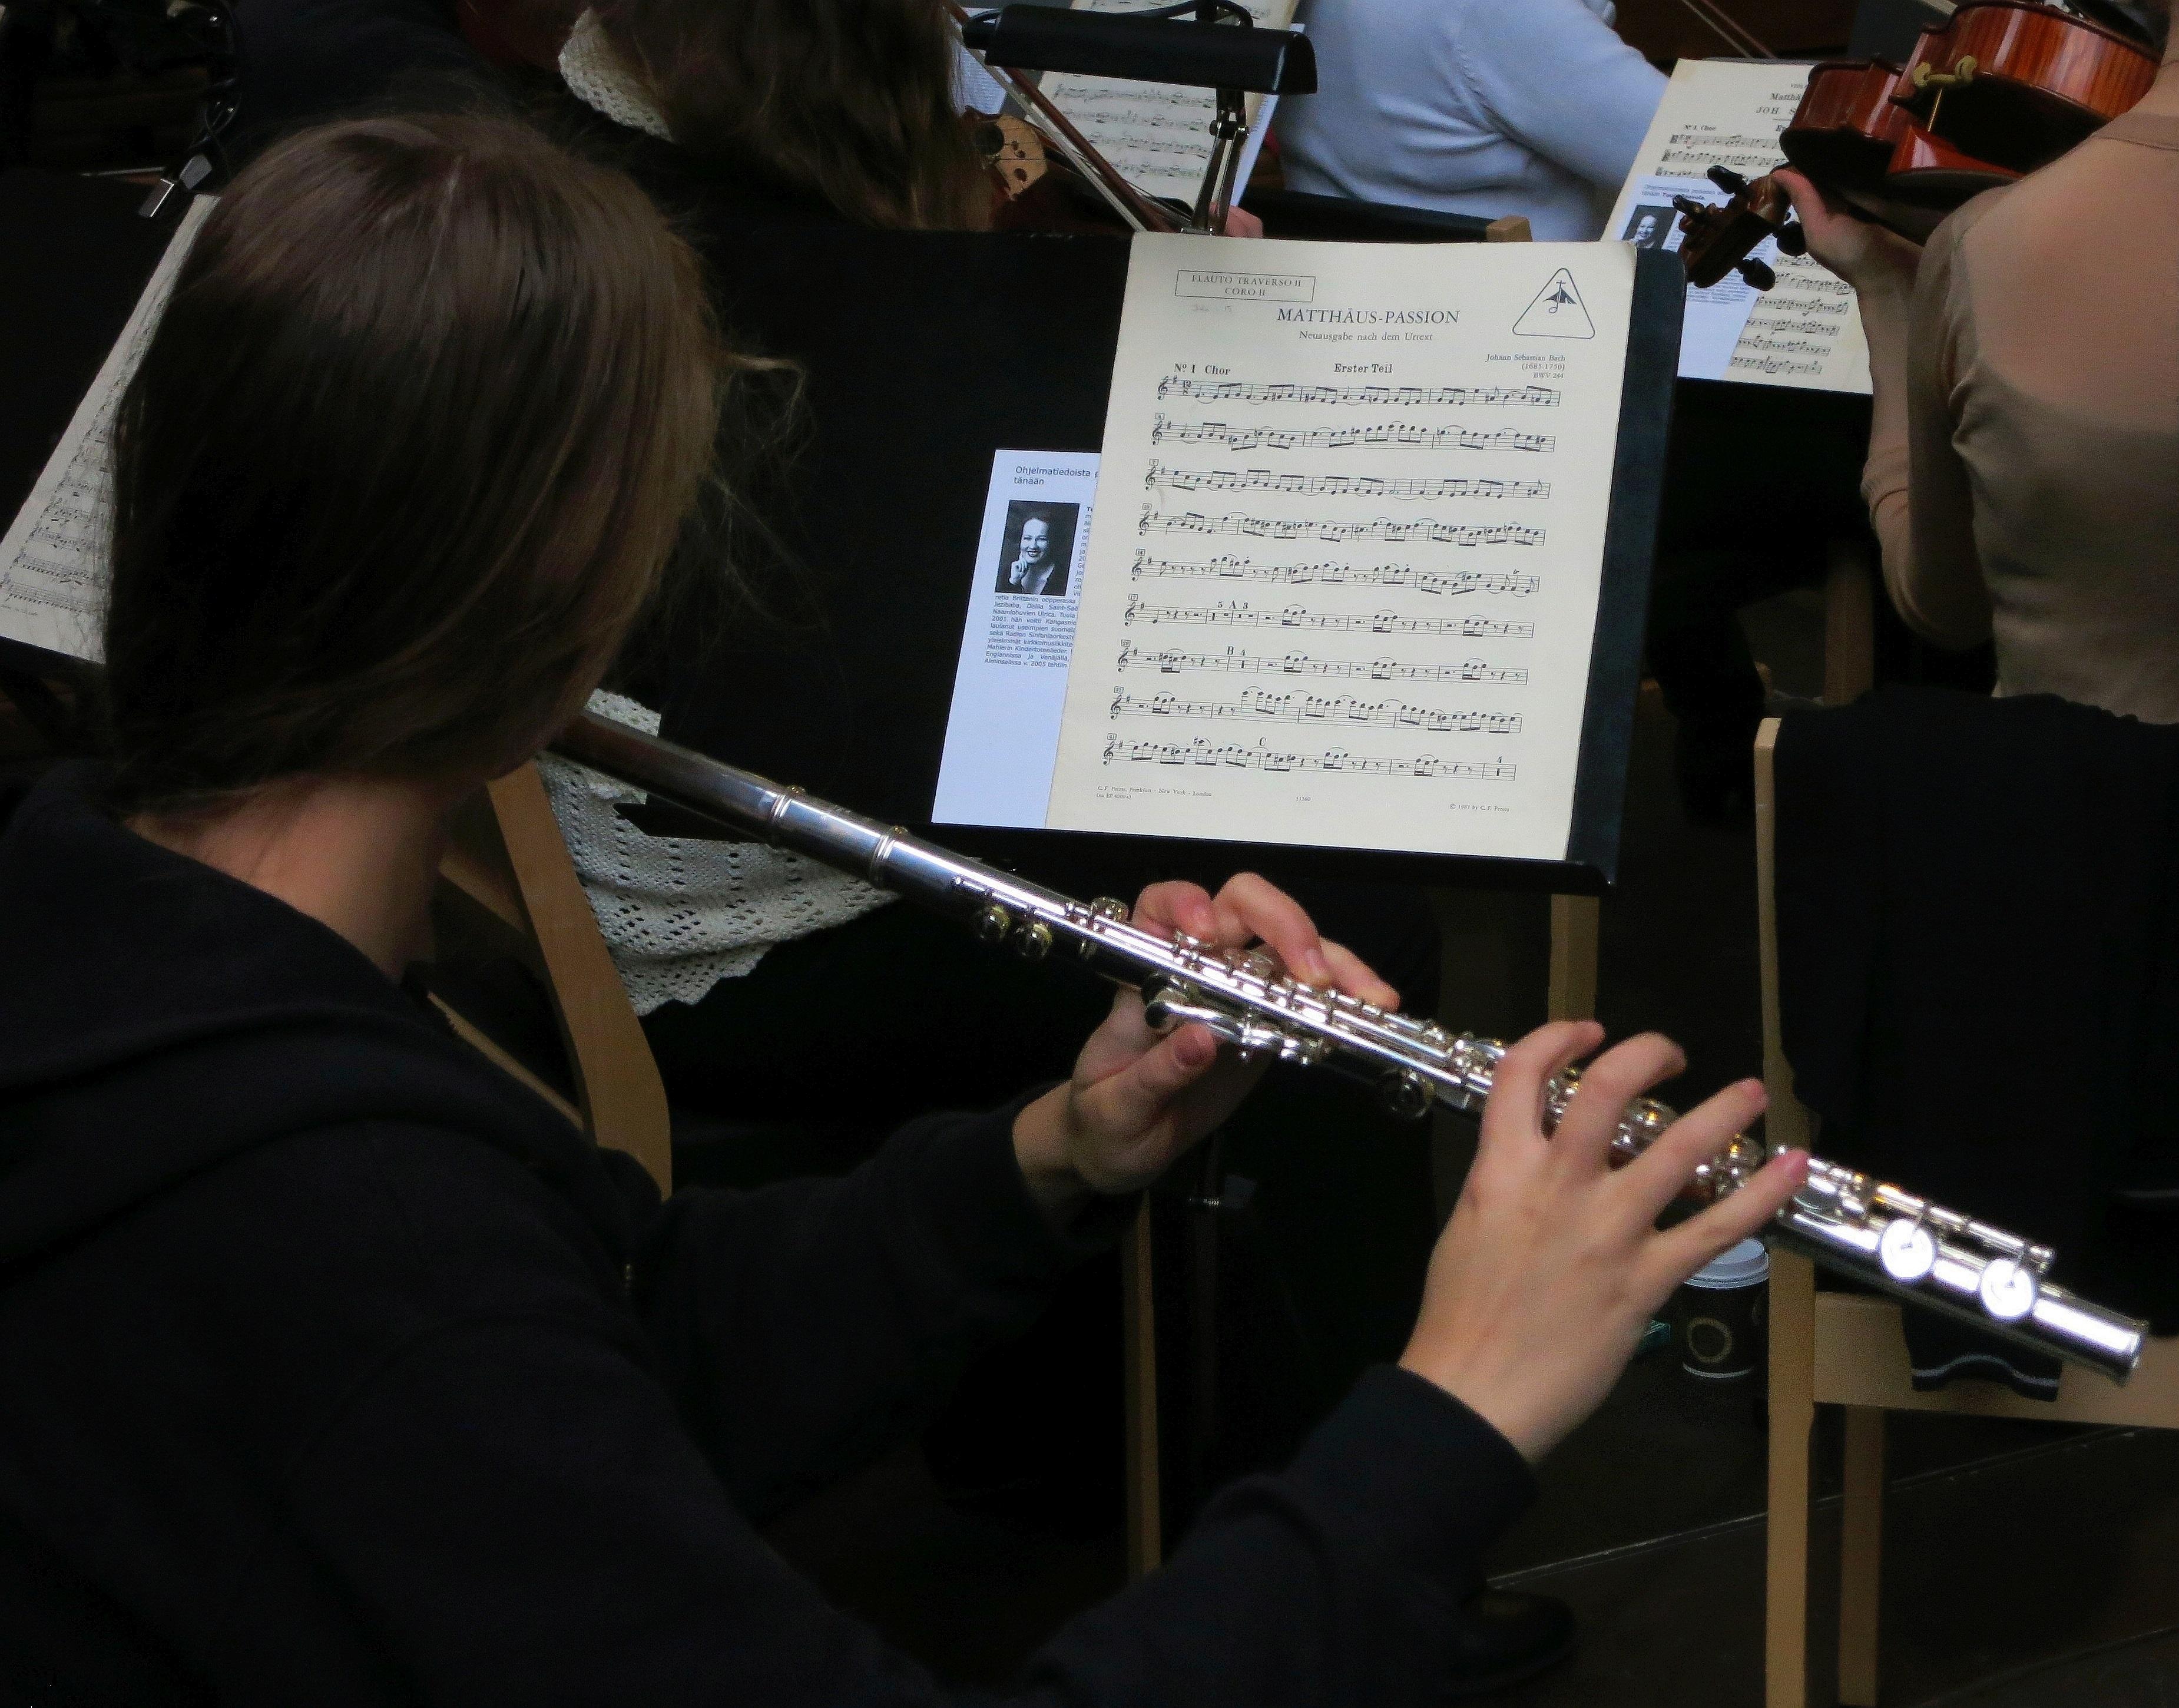 File:Symphony sylphs.jpg - Wikimedia Commons